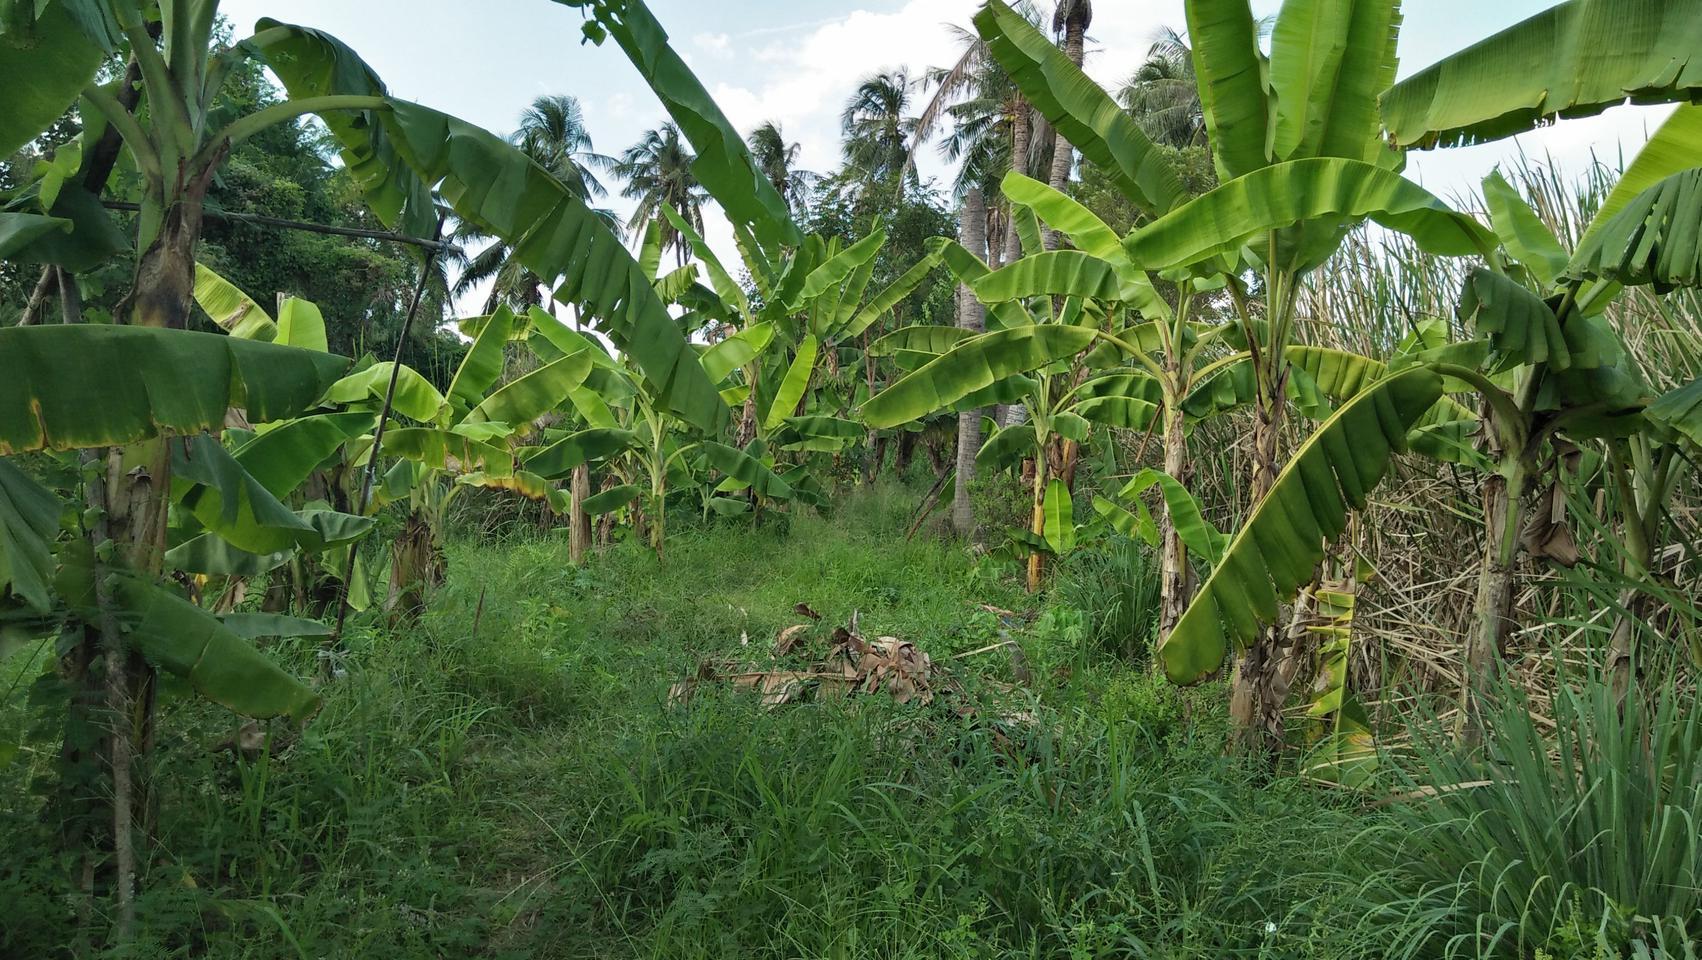 ที่ดินพร้อมบ้านเล็กๆสวนไร่กว่าใกล้แหล่งน้ำและเงียบสงบ ชานเมื รูปที่ 3